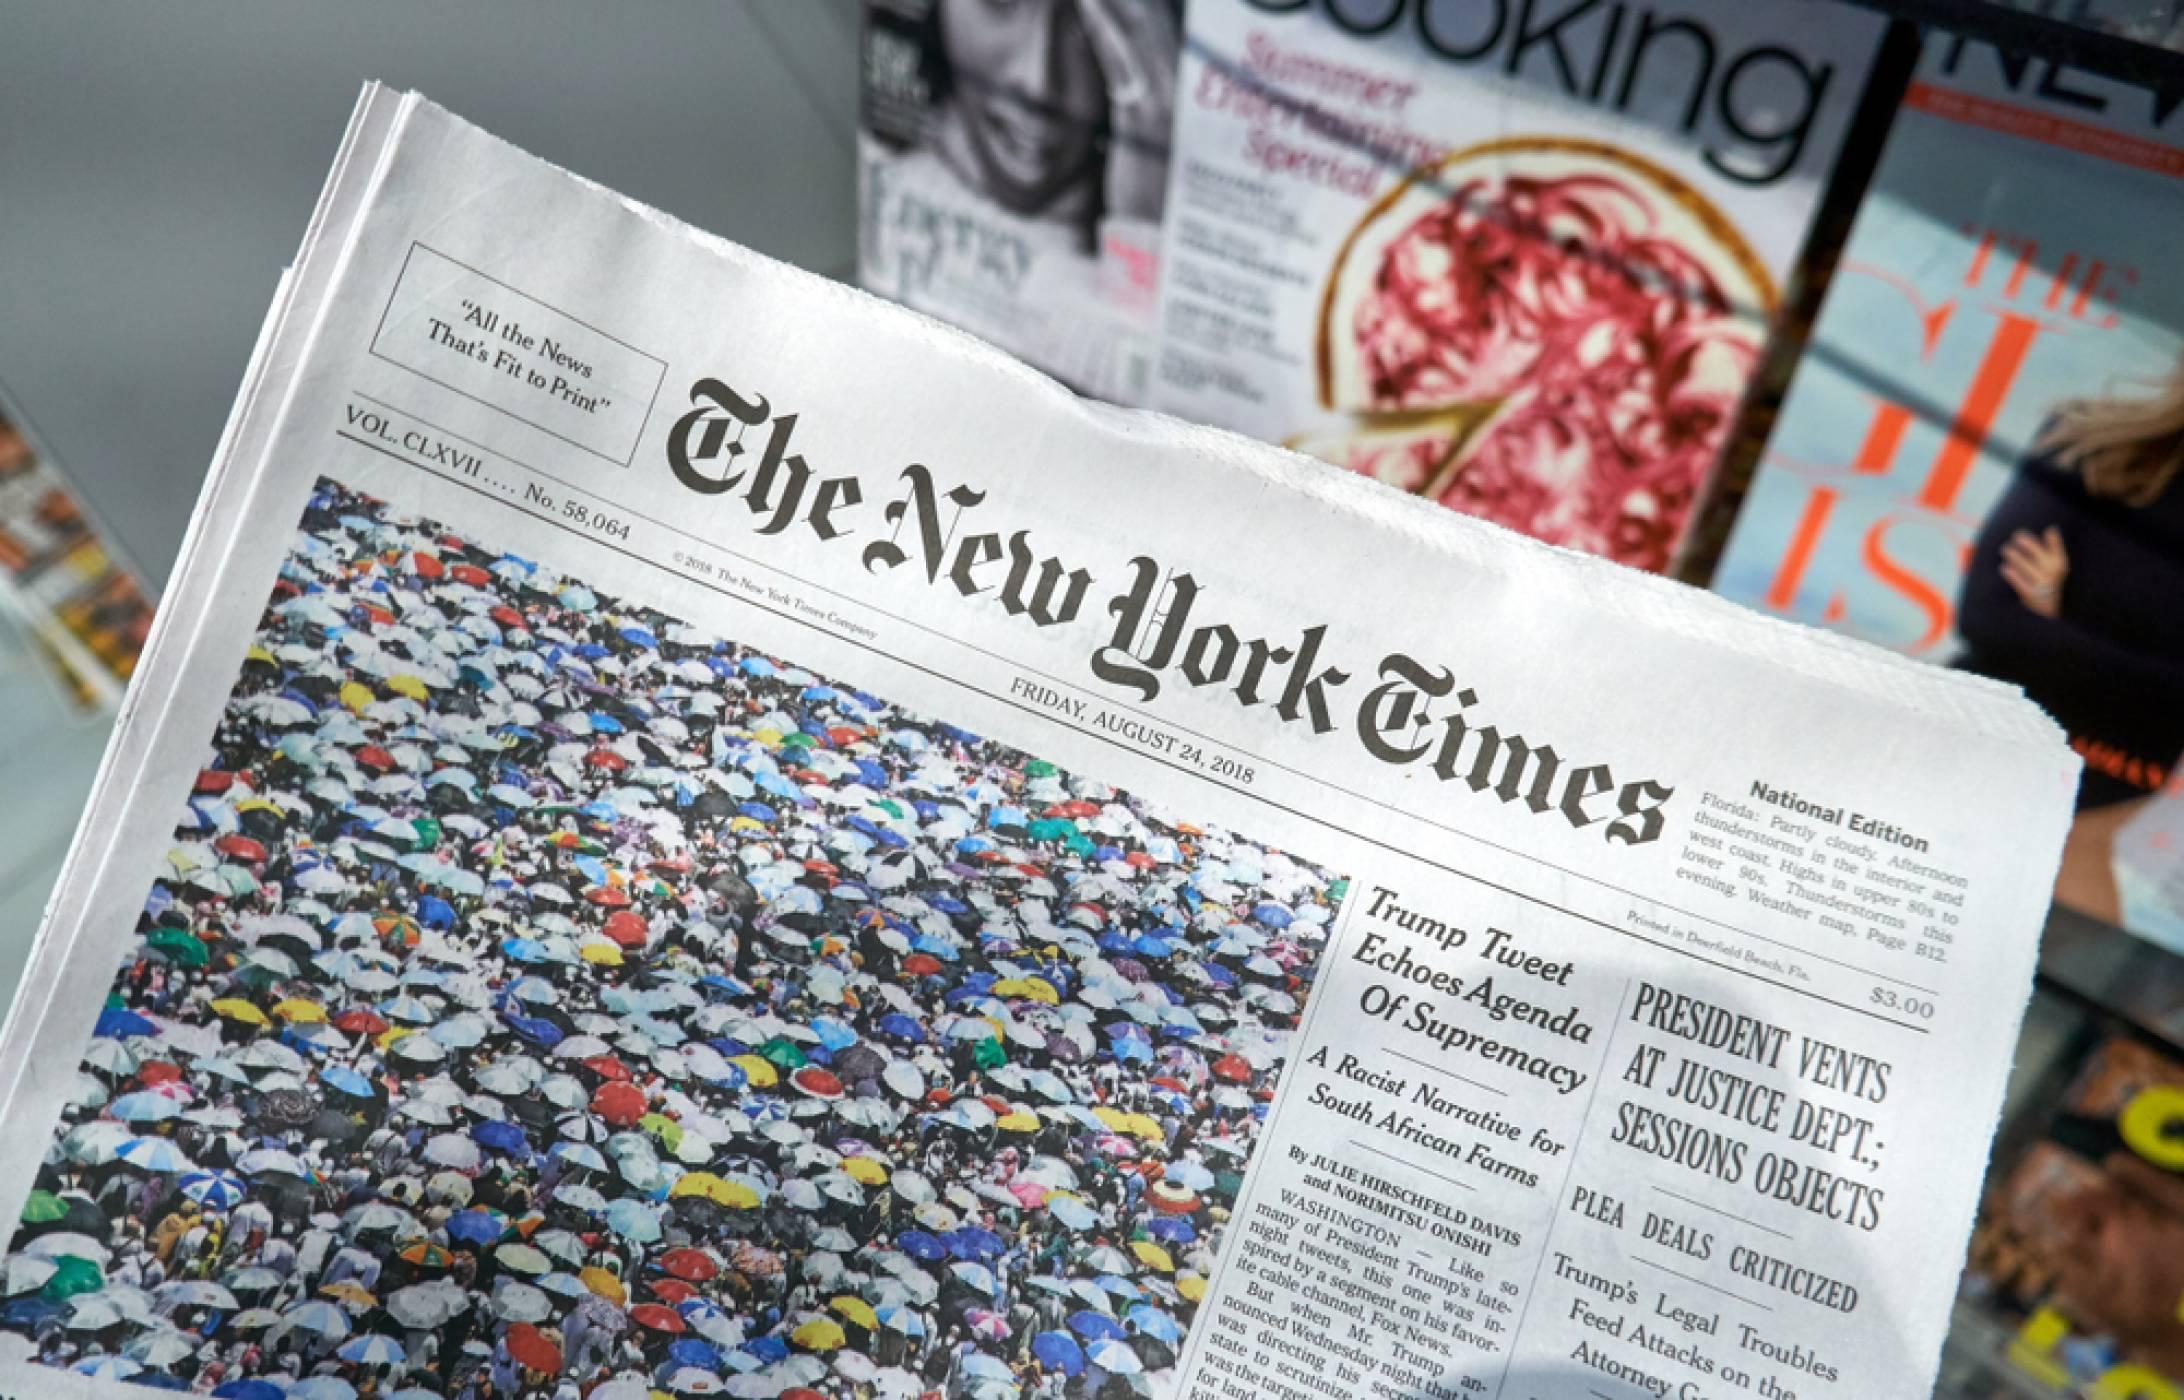 Решете кръстословицата на New York Times в добавена реалност с помощта на смартфон (ВИДЕО)